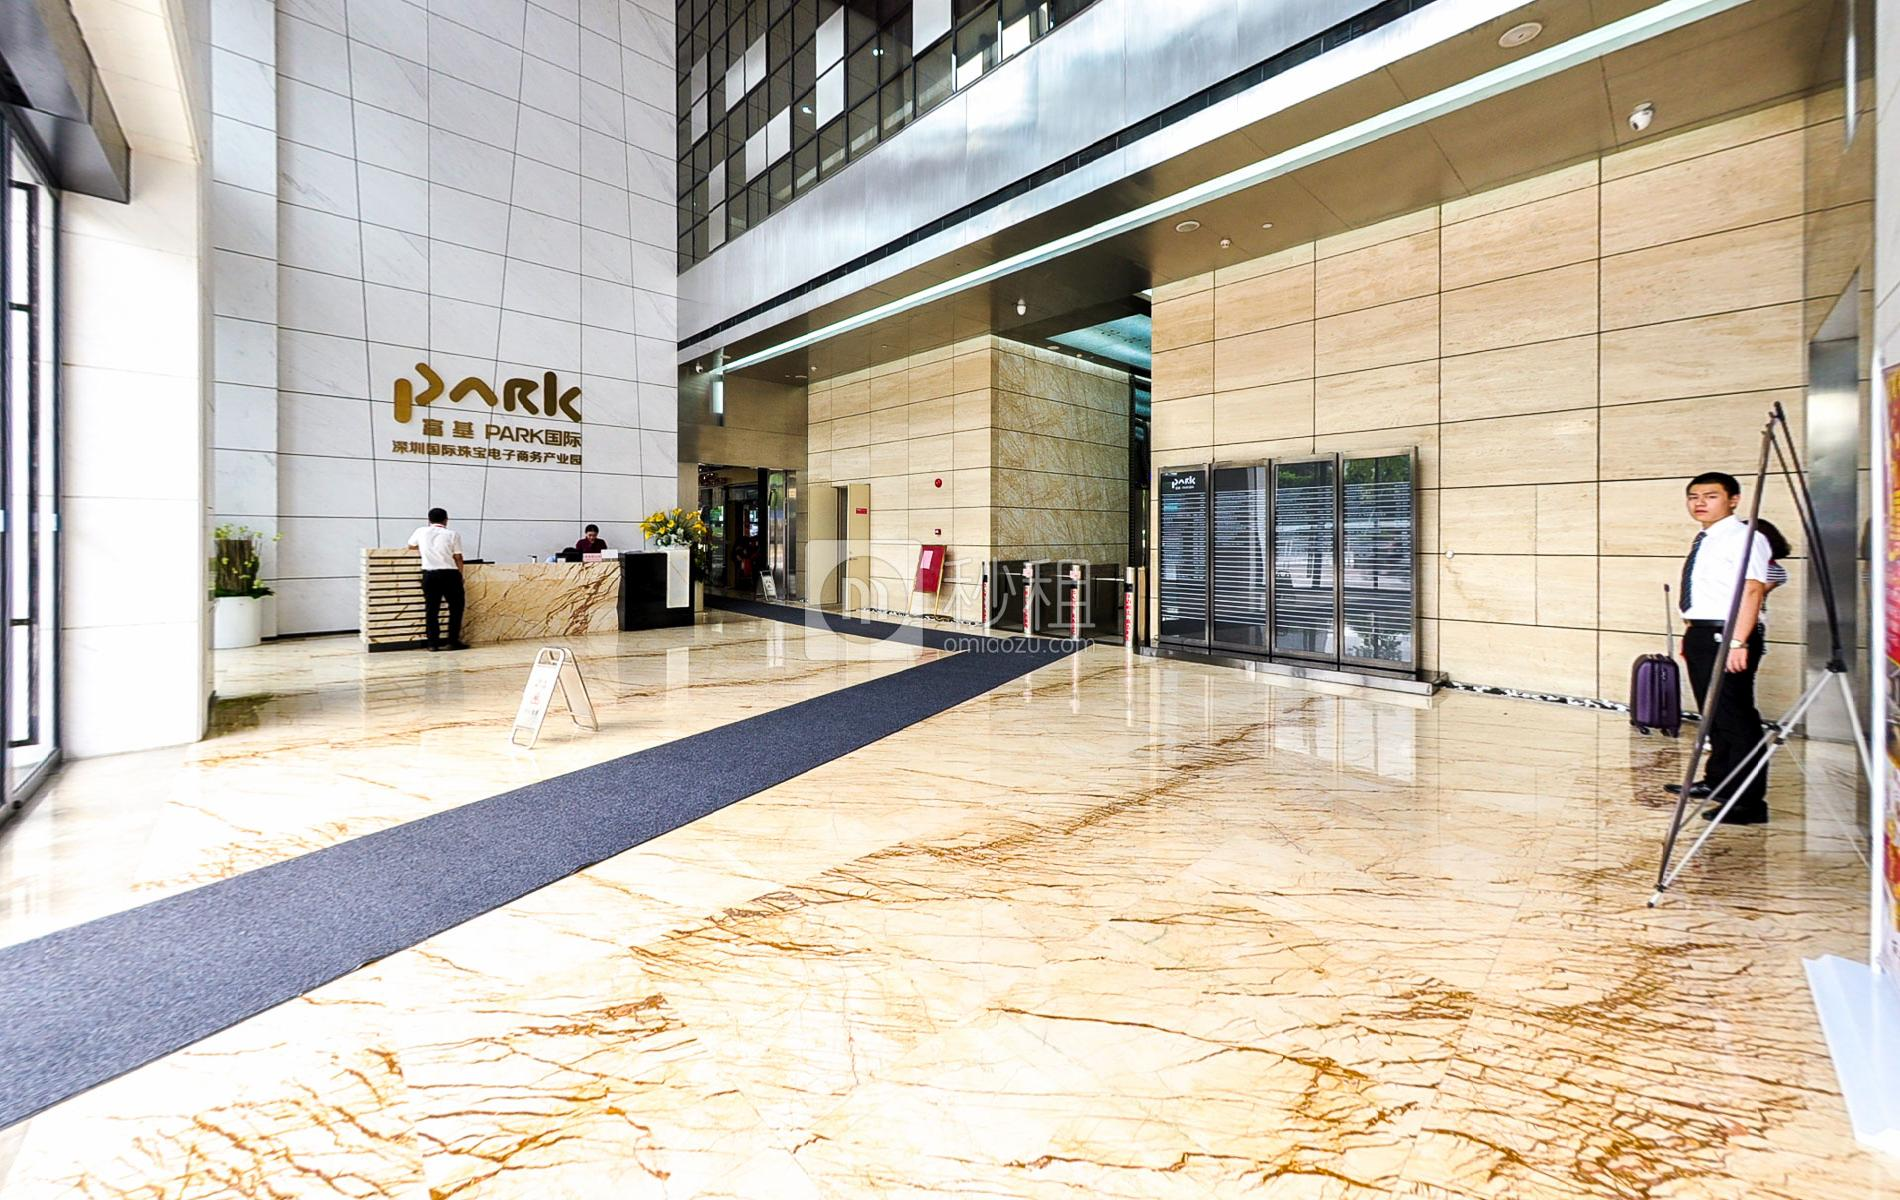 富基PARK国际大厦写字楼出租/招租/租赁,富基PARK国际大厦办公室出租/招租/租赁